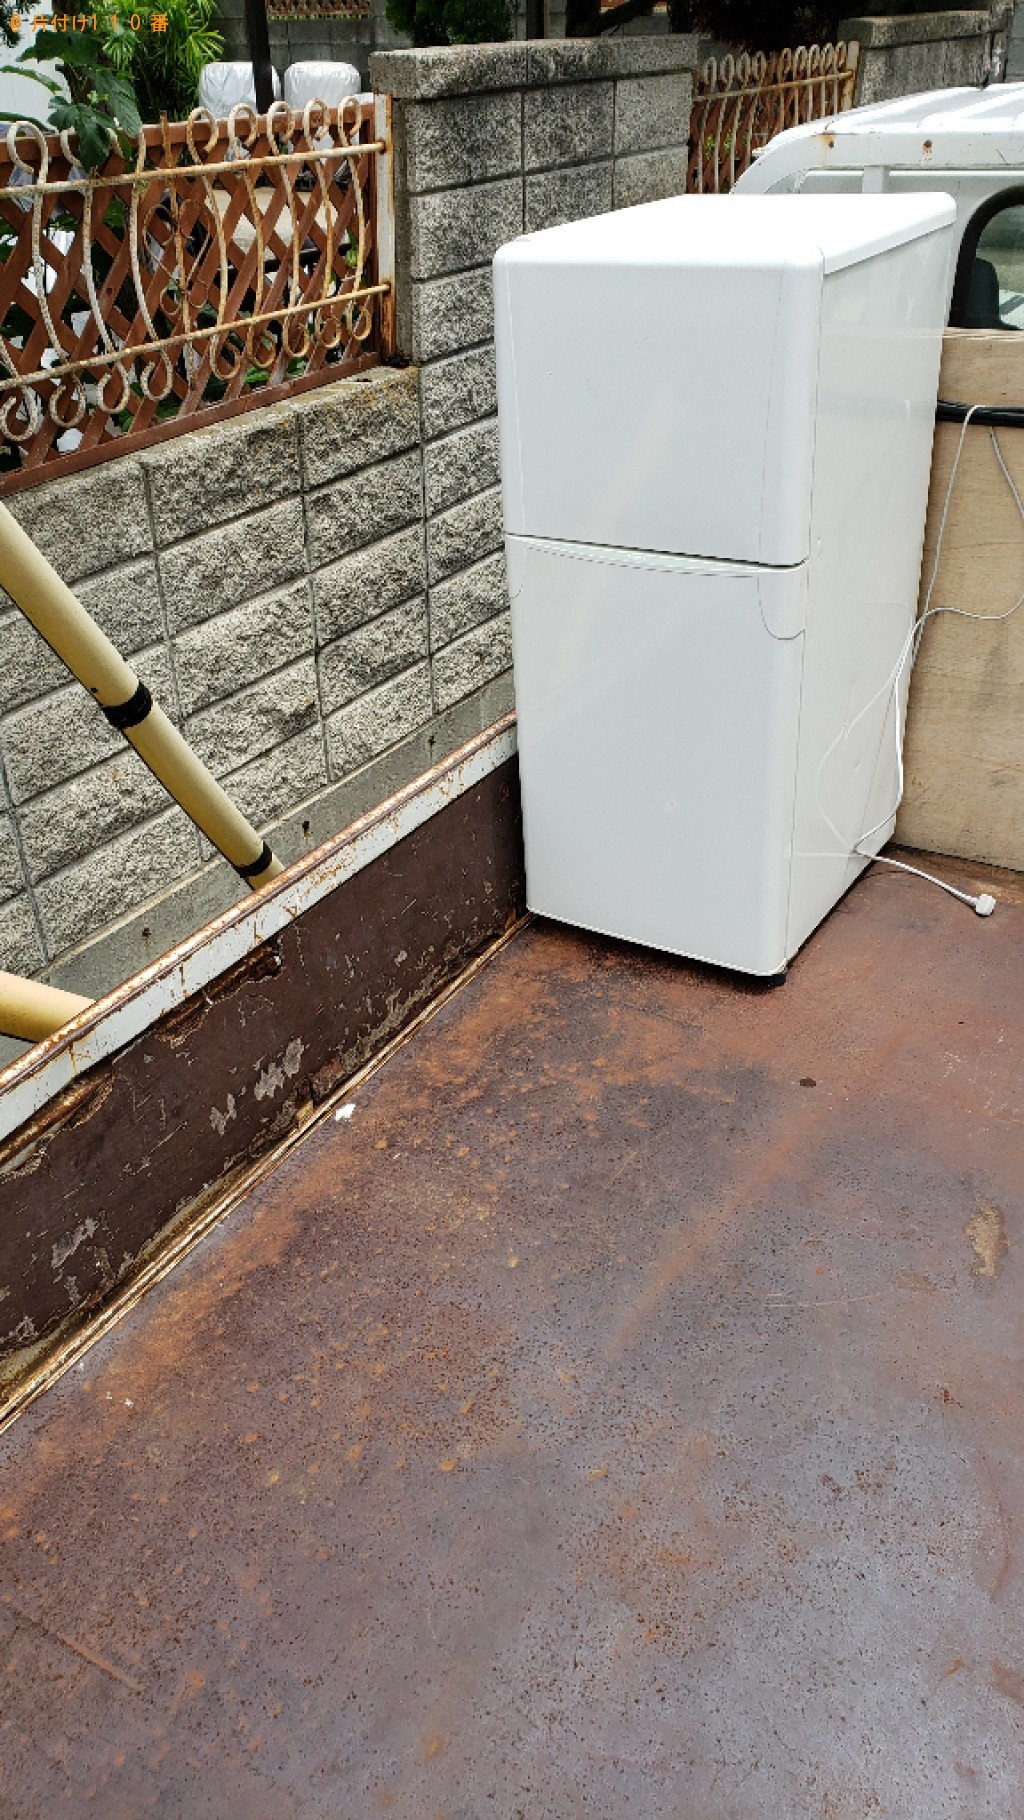 【三郷市】冷蔵庫の回収・処分ご依頼 お客様の声